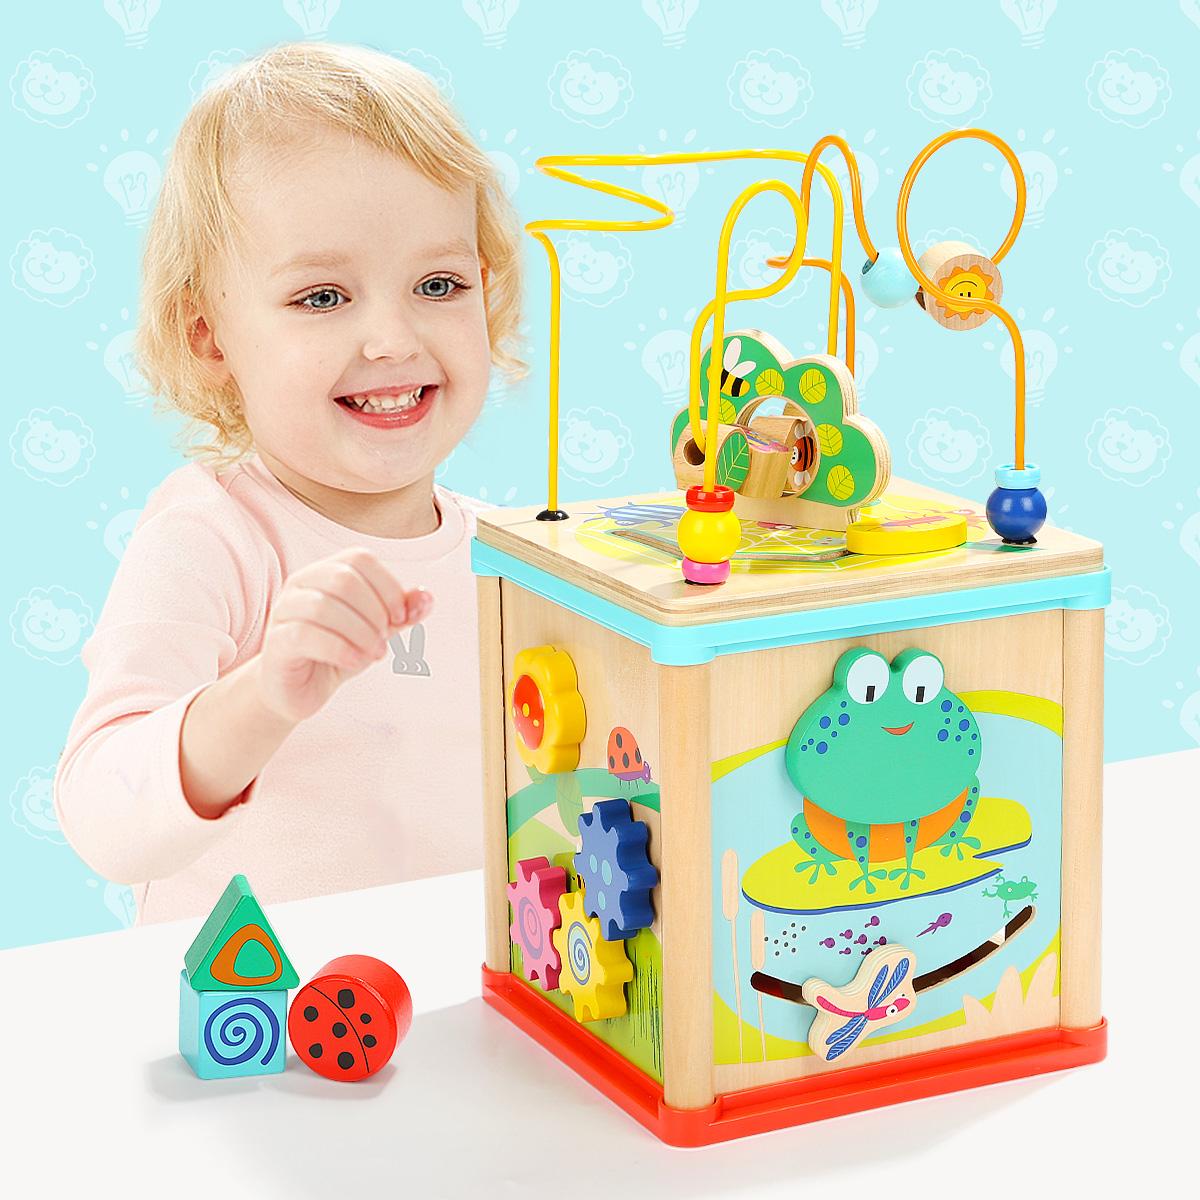 特宝儿青蛙动物绕珠百宝箱婴儿童男女宝宝1-2-3周岁早益智玩具,可领取3元天猫优惠券